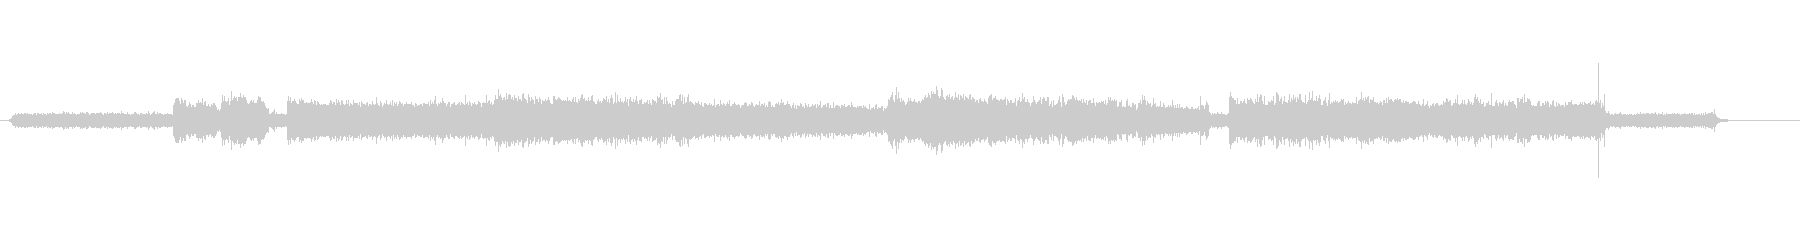 シャープナー-電気-楽器の未再生の波形